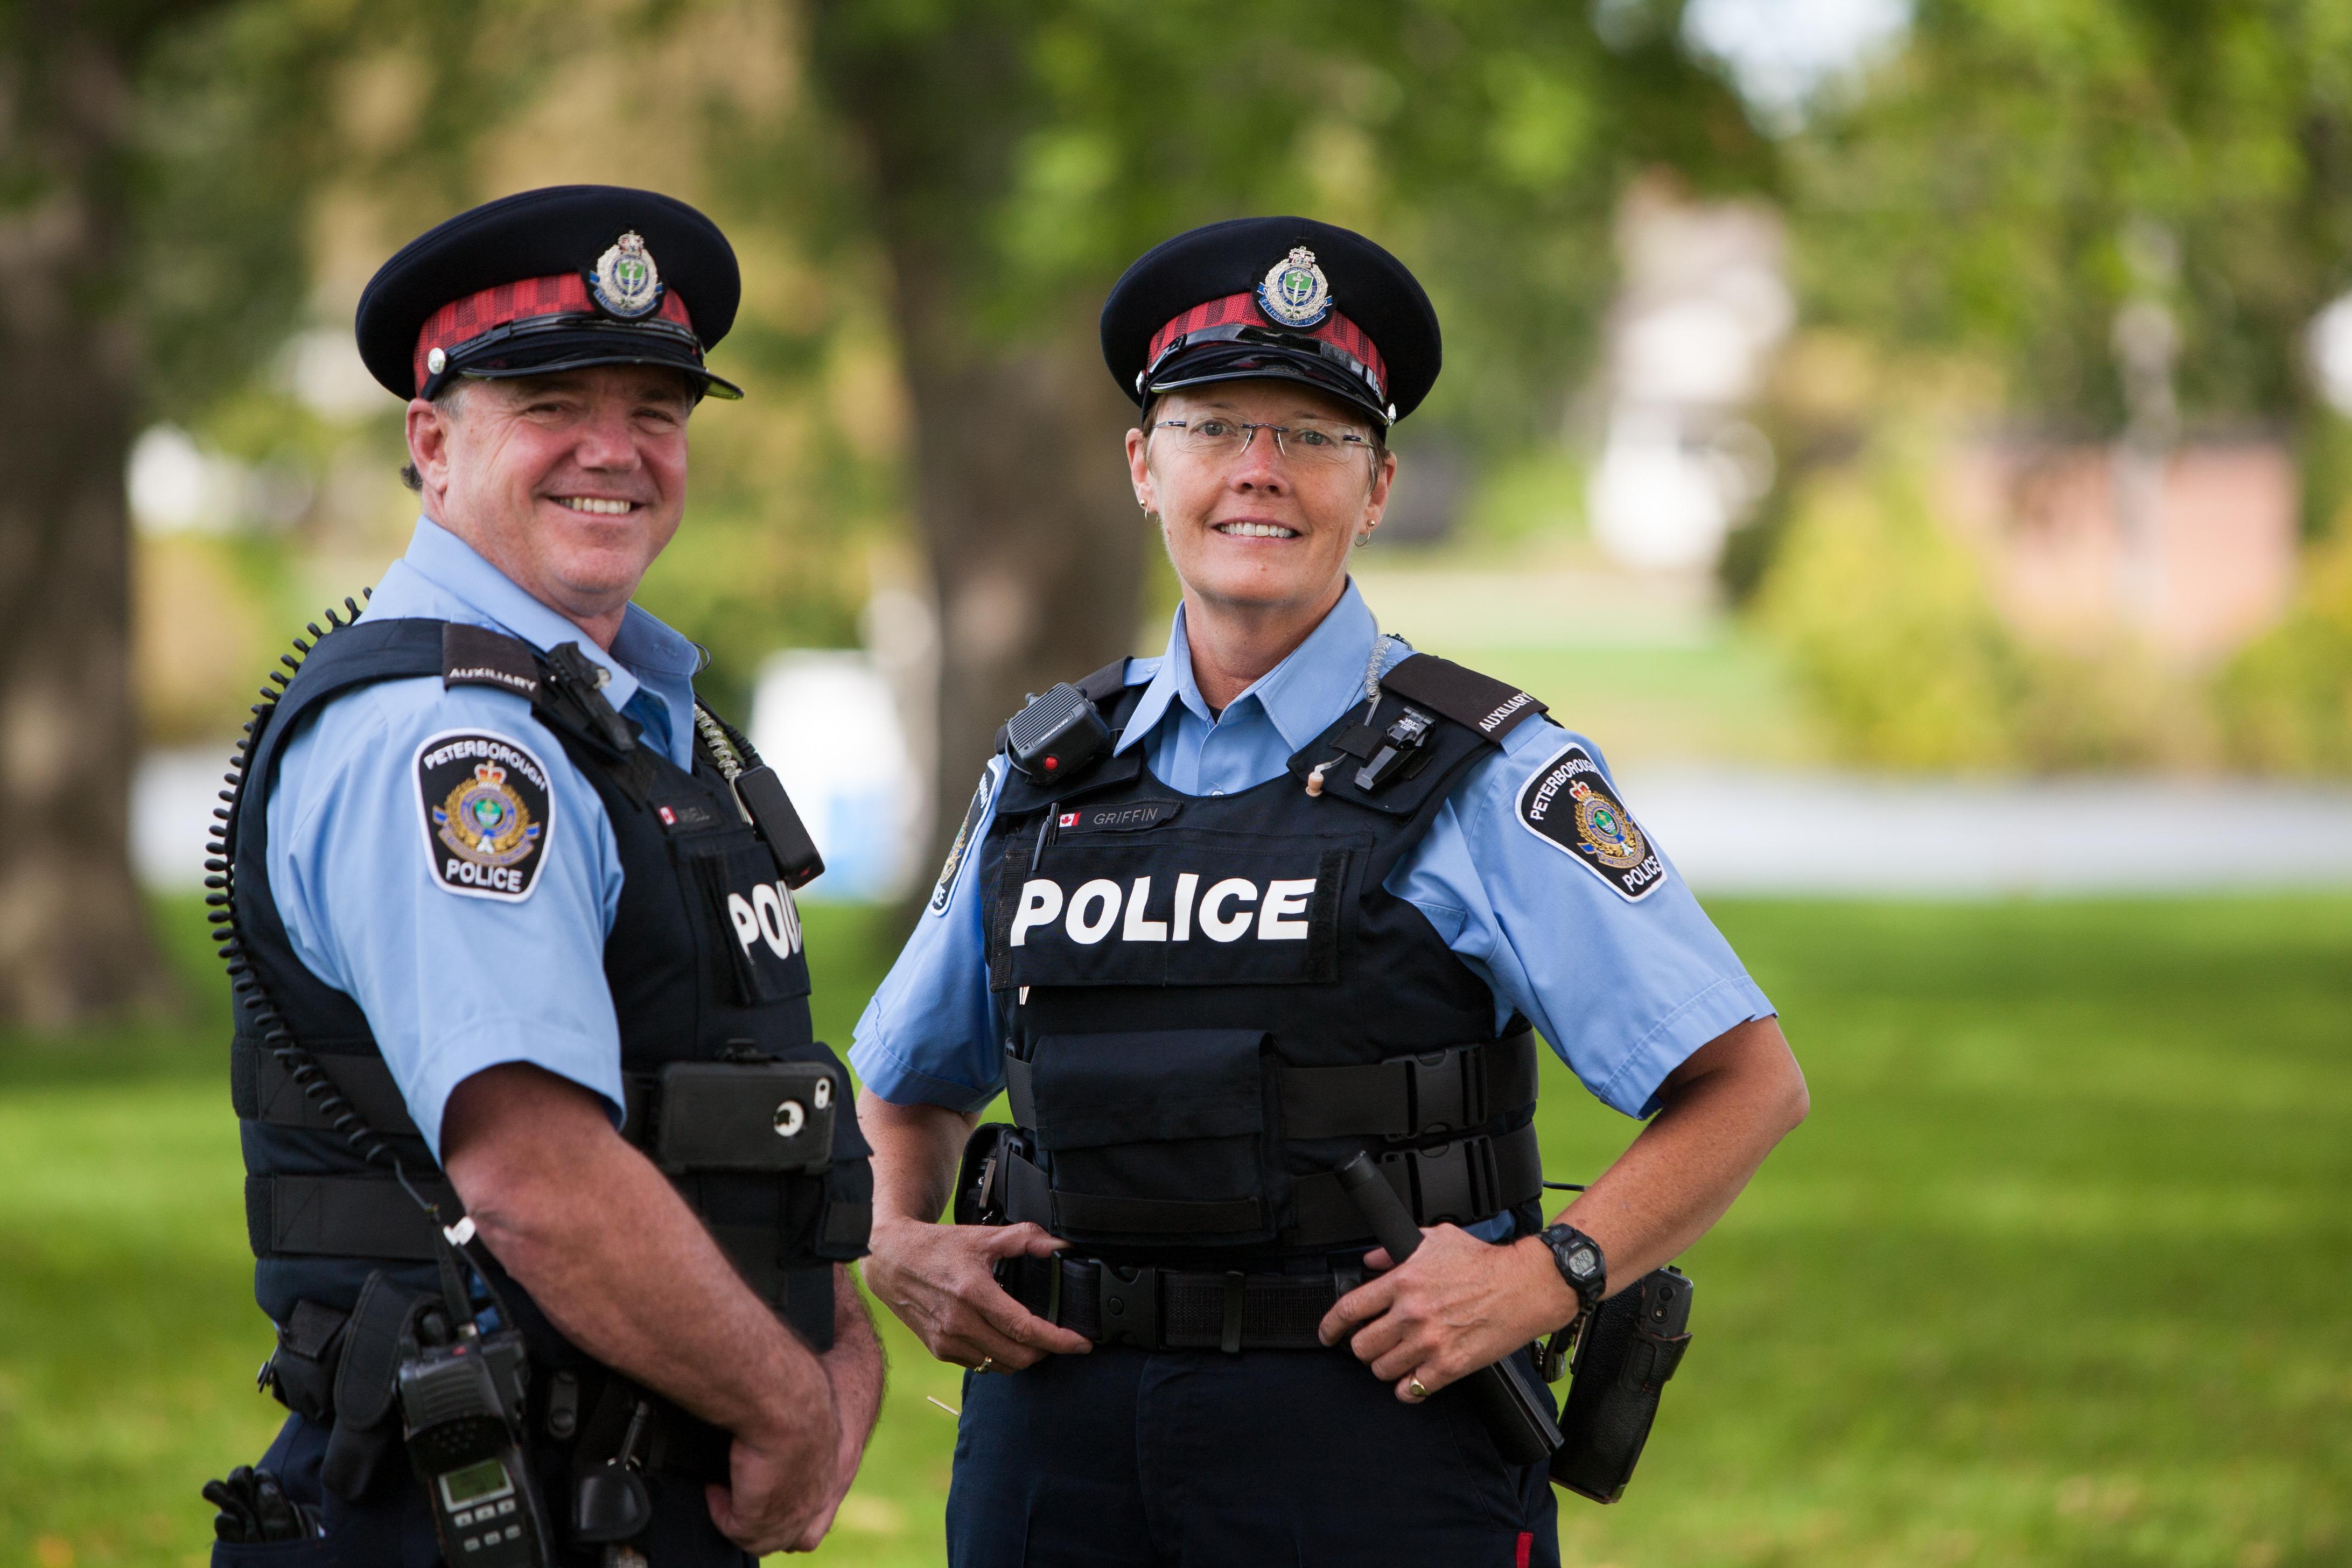 Police Widescreen